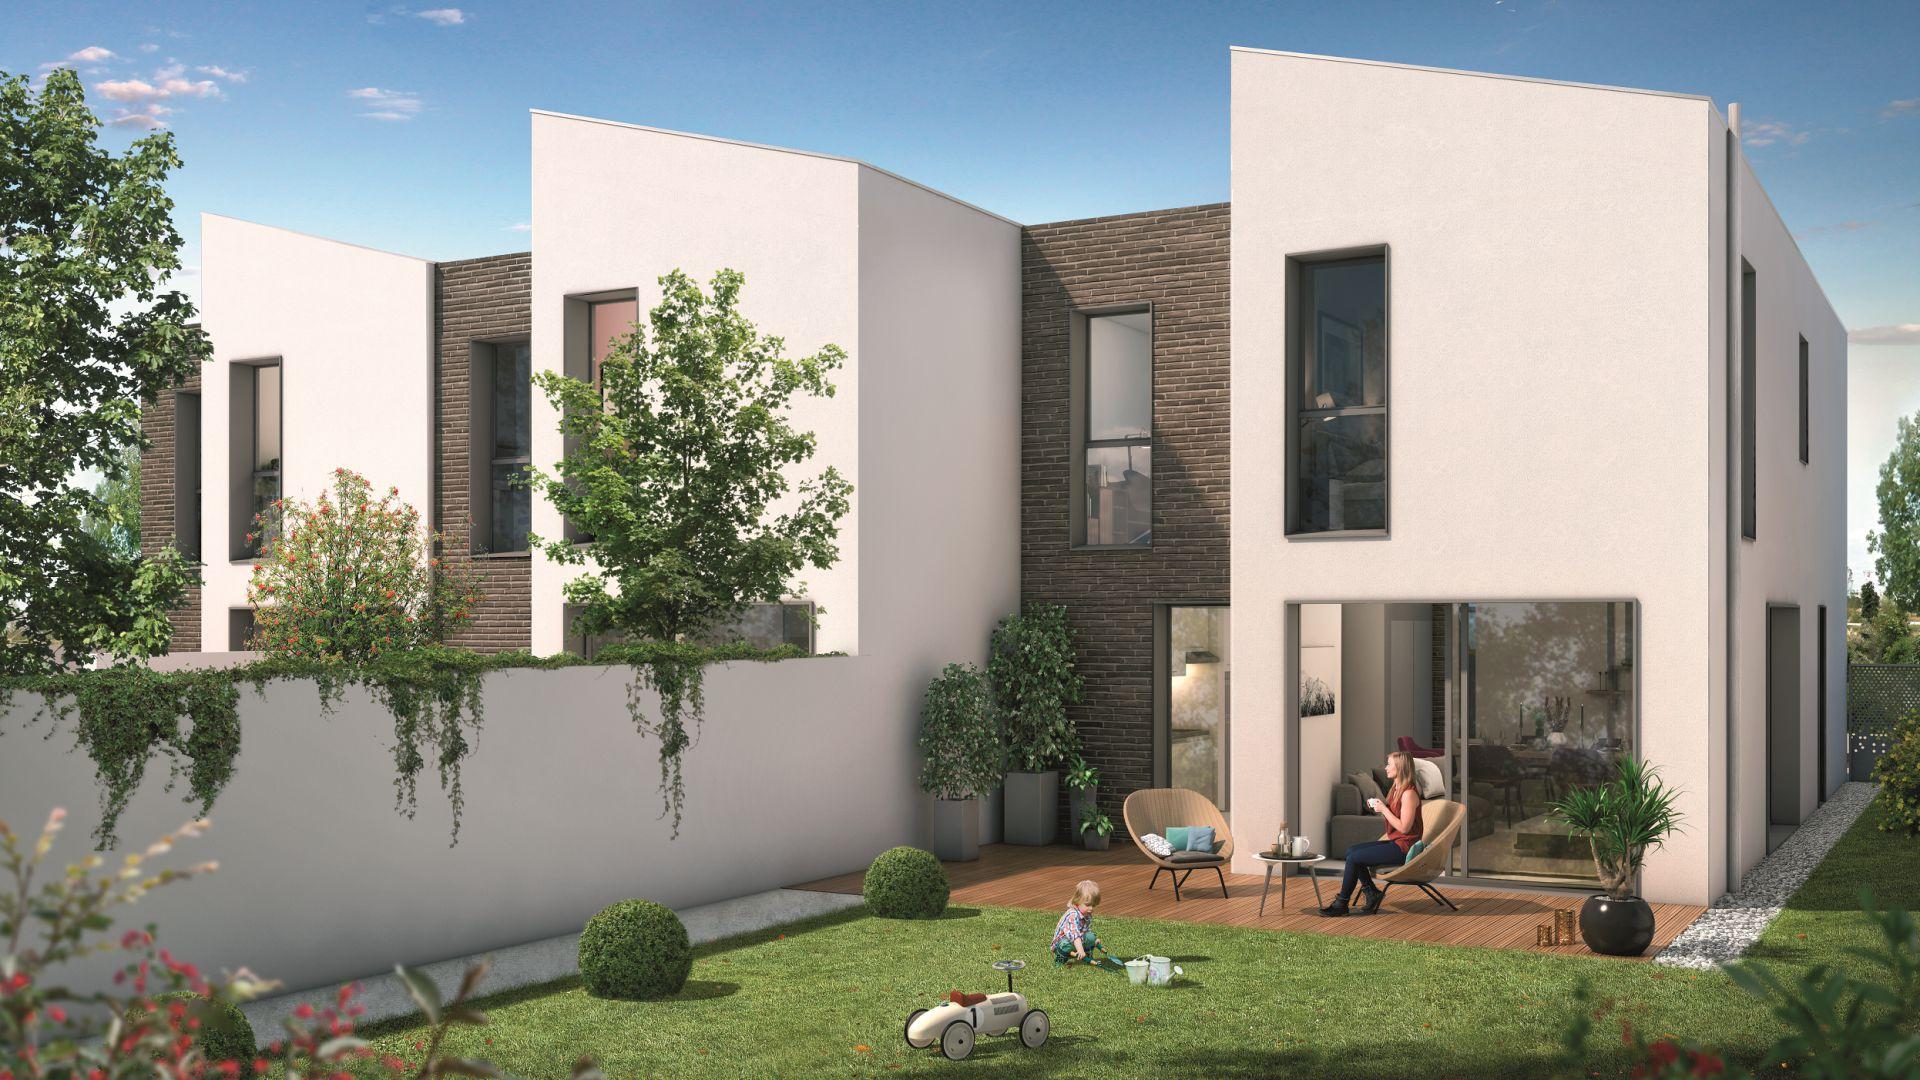 GreenCity immobilier - Blagnac-Beauzelle - 31700 - LB47 - appartements et villas - T2 - T3 - T4 -T5 - villa T5